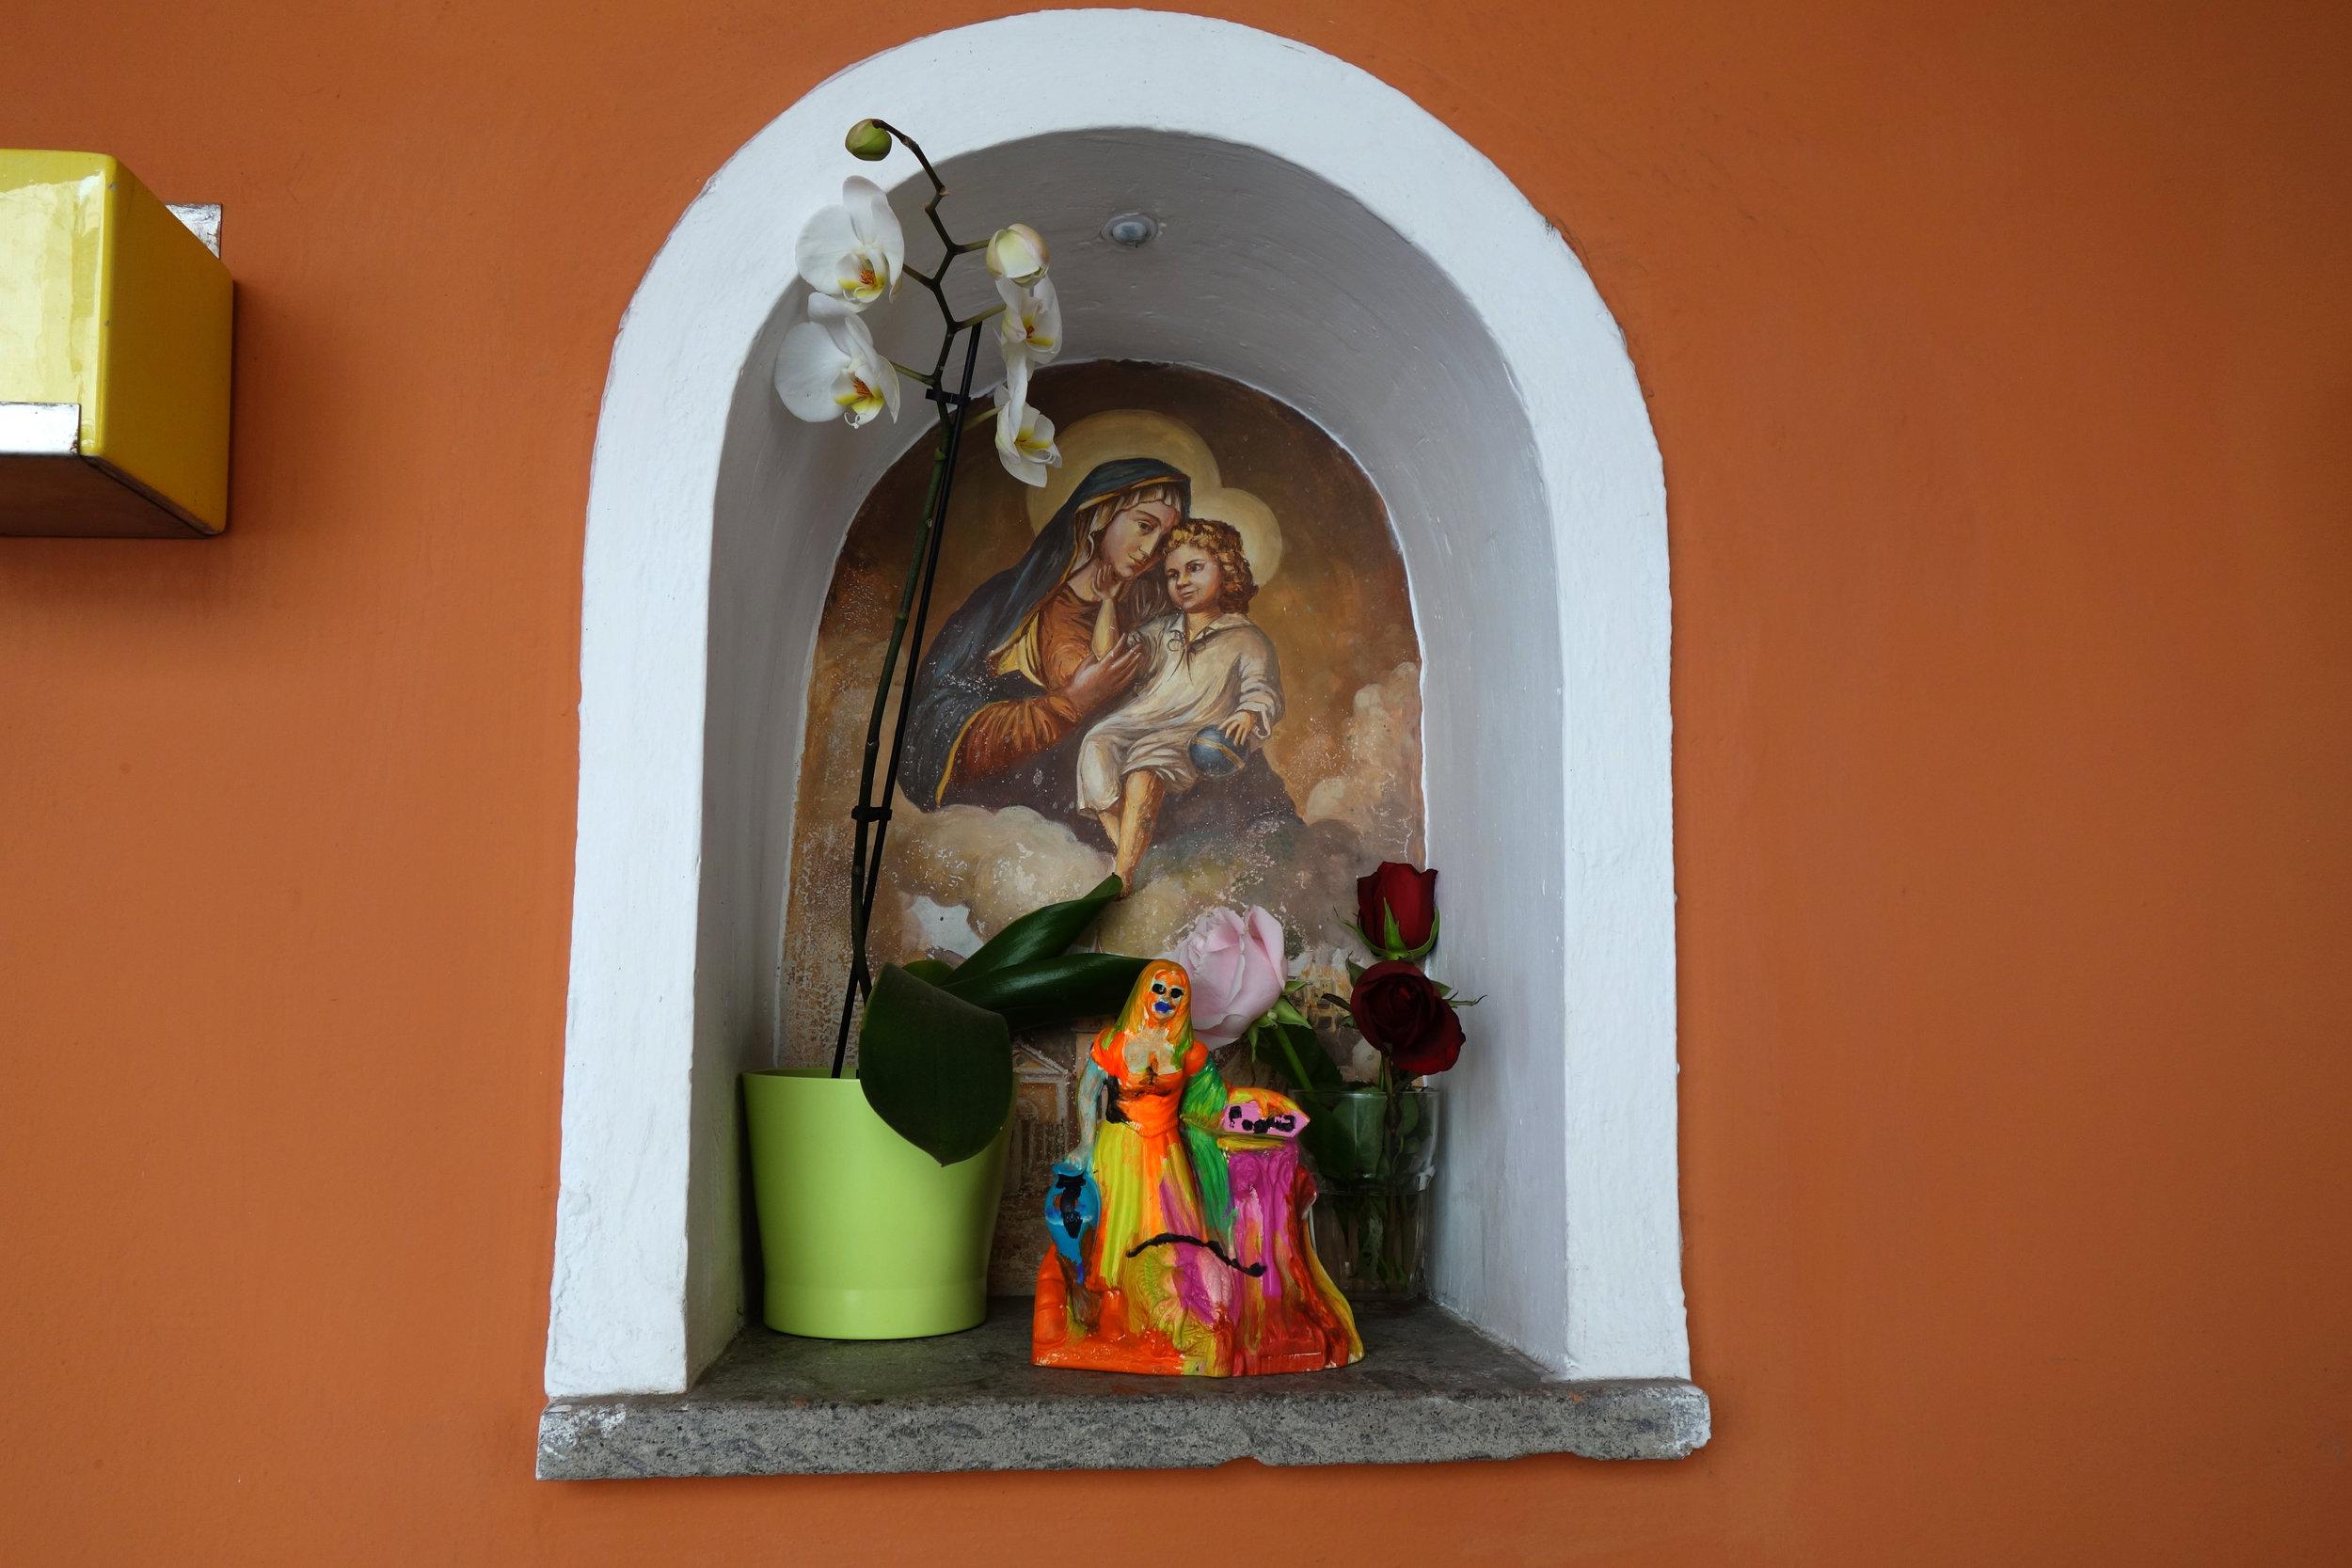 Installation view, Buon Compleanno Nonna, STL, Naples, 2017